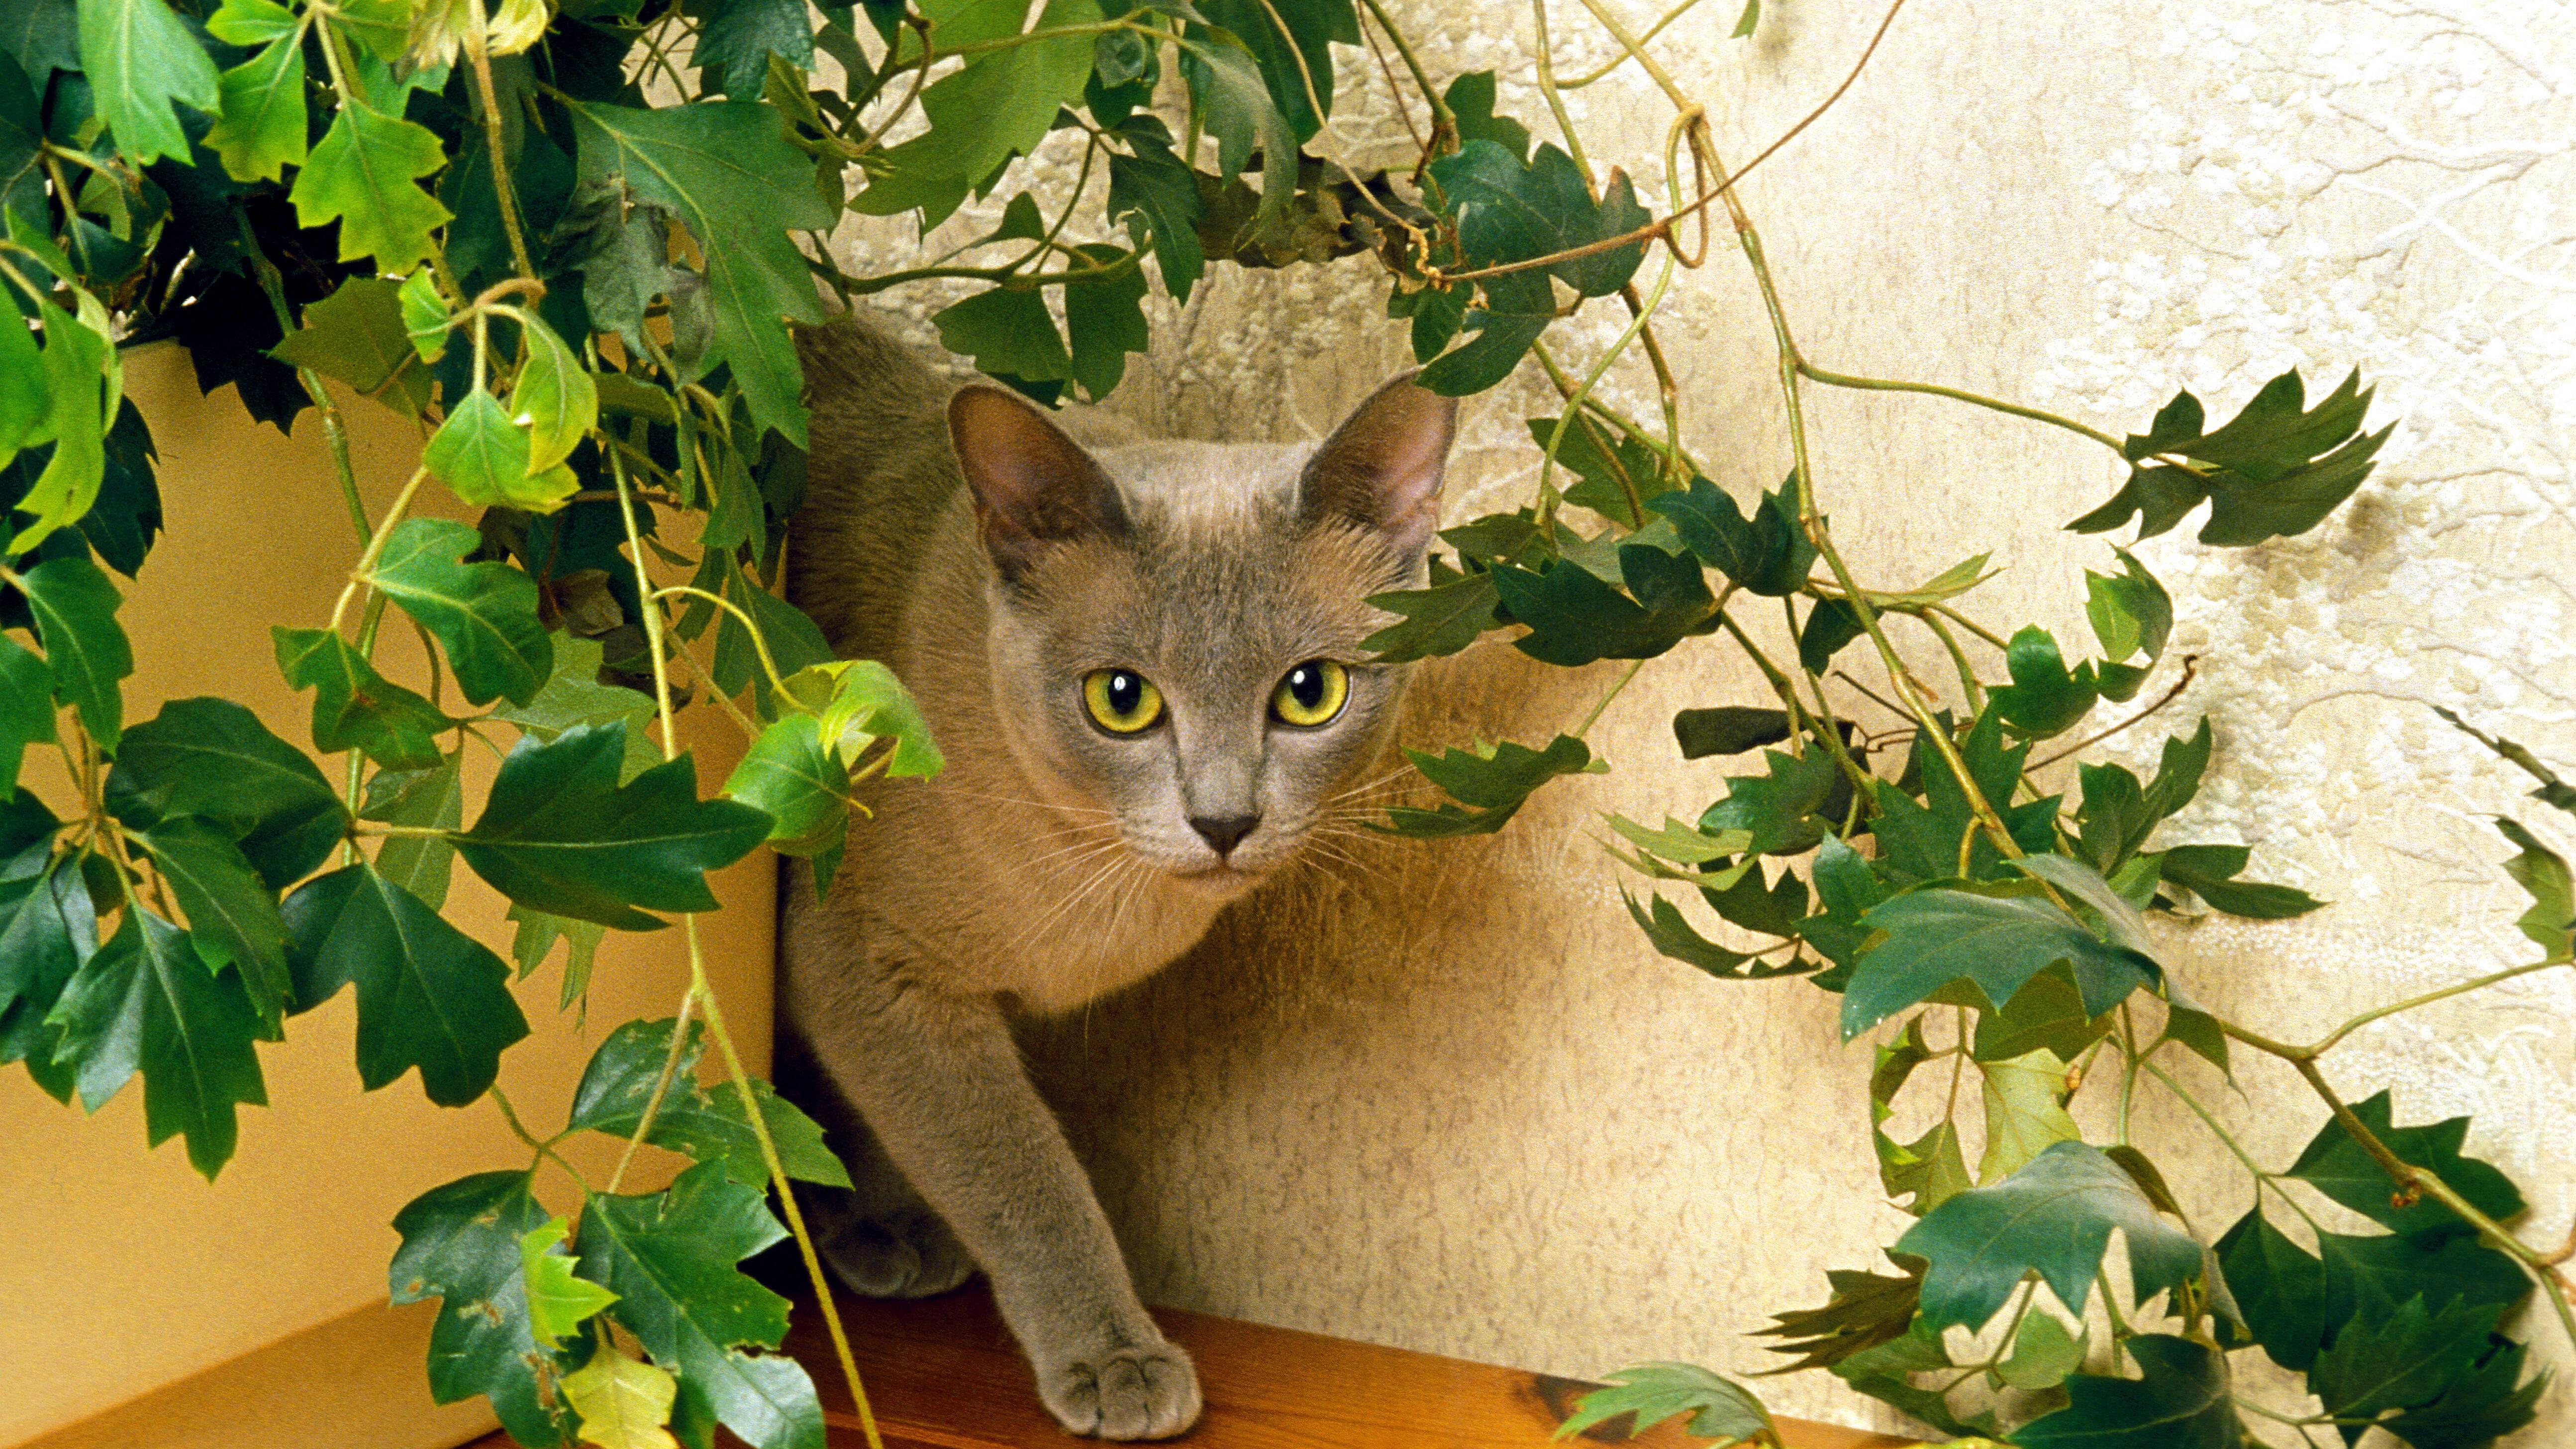 Katzenfreundliche Zimmerpflanzen: Diese Auswahl eignet sich für Vierbeiner